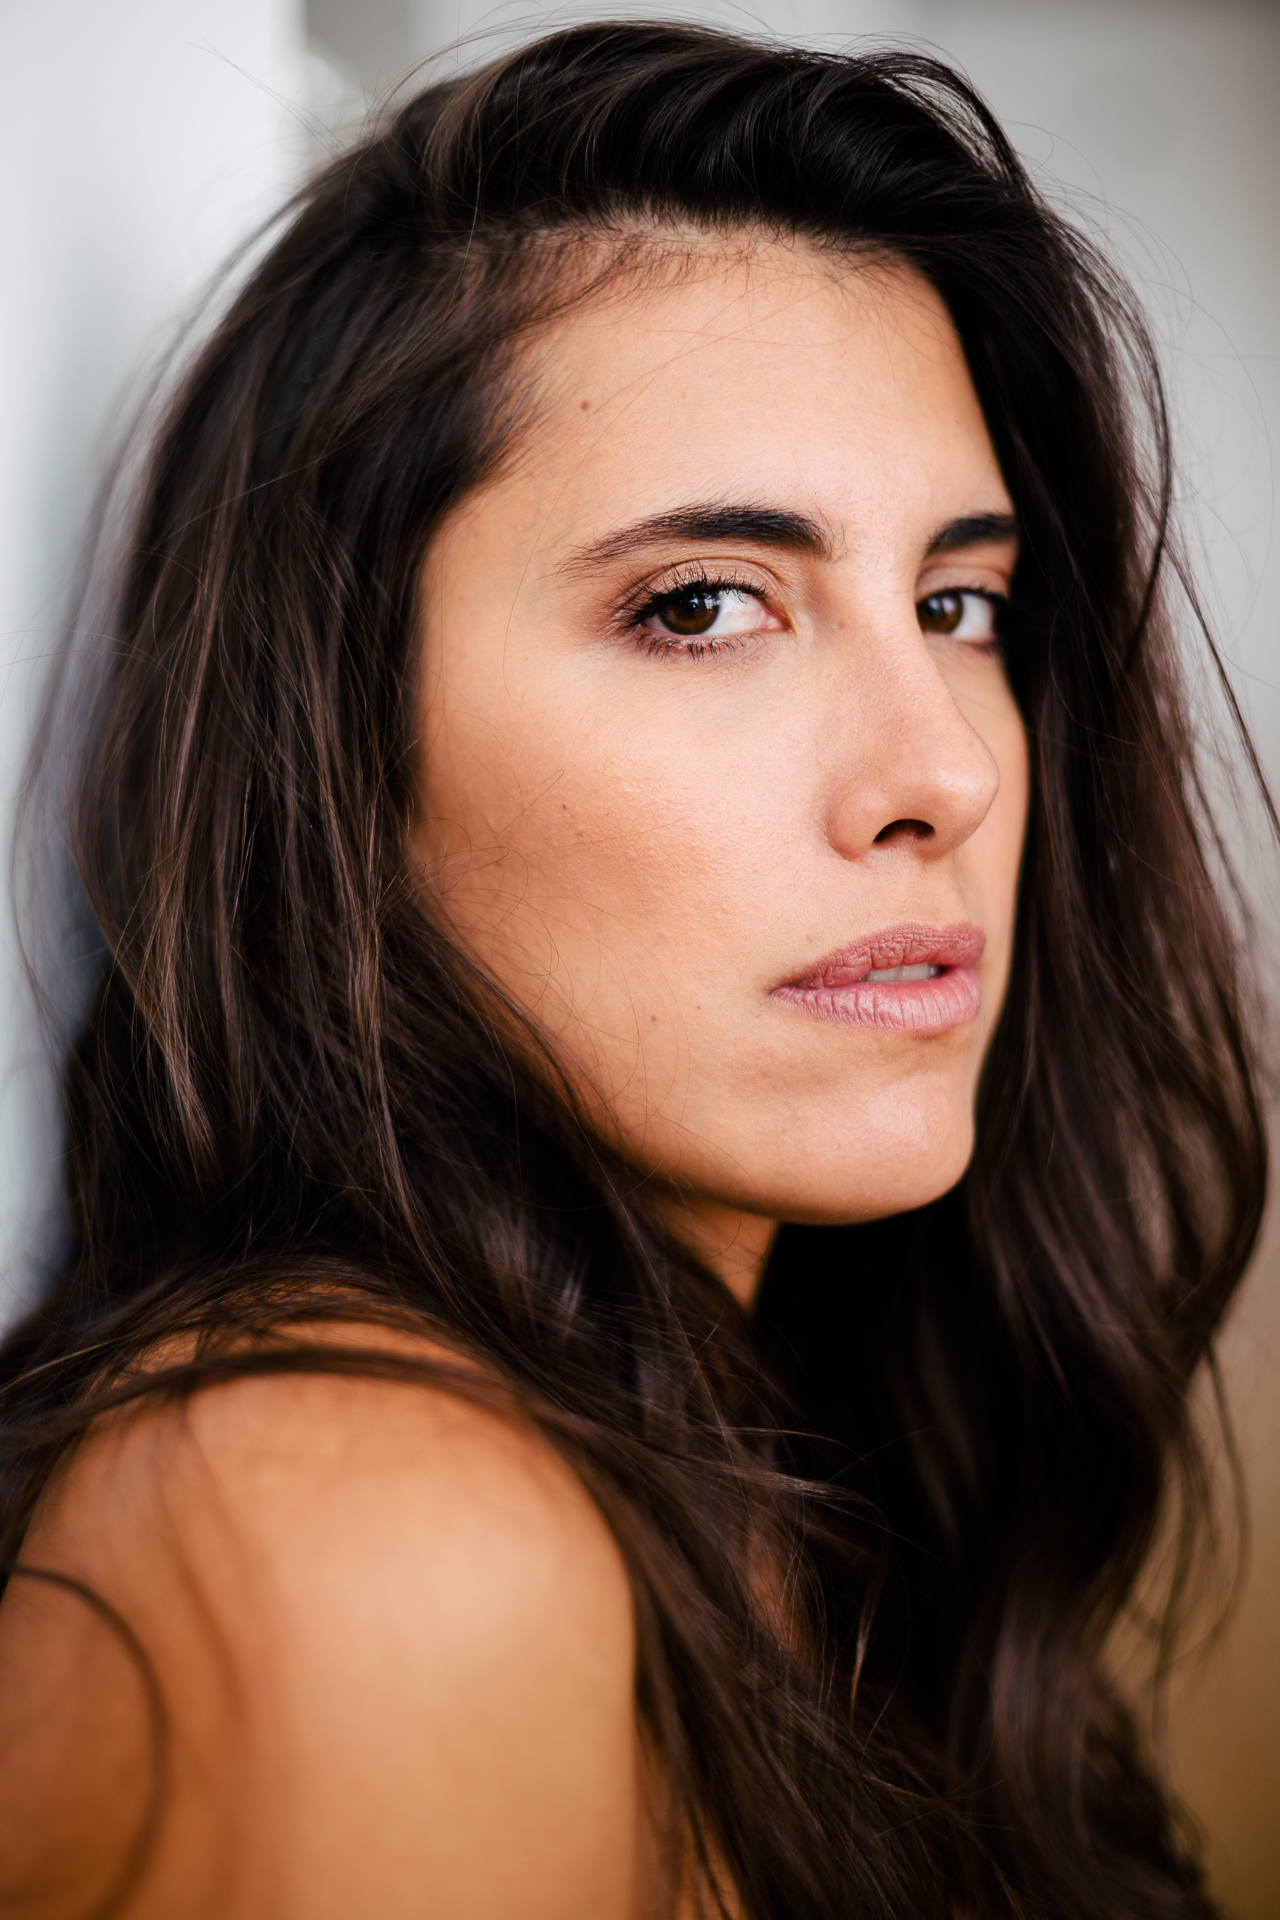 Maria Helena Campos Sobrancelha - Maria Helena Pessôa de Queiróz, da MH Studios